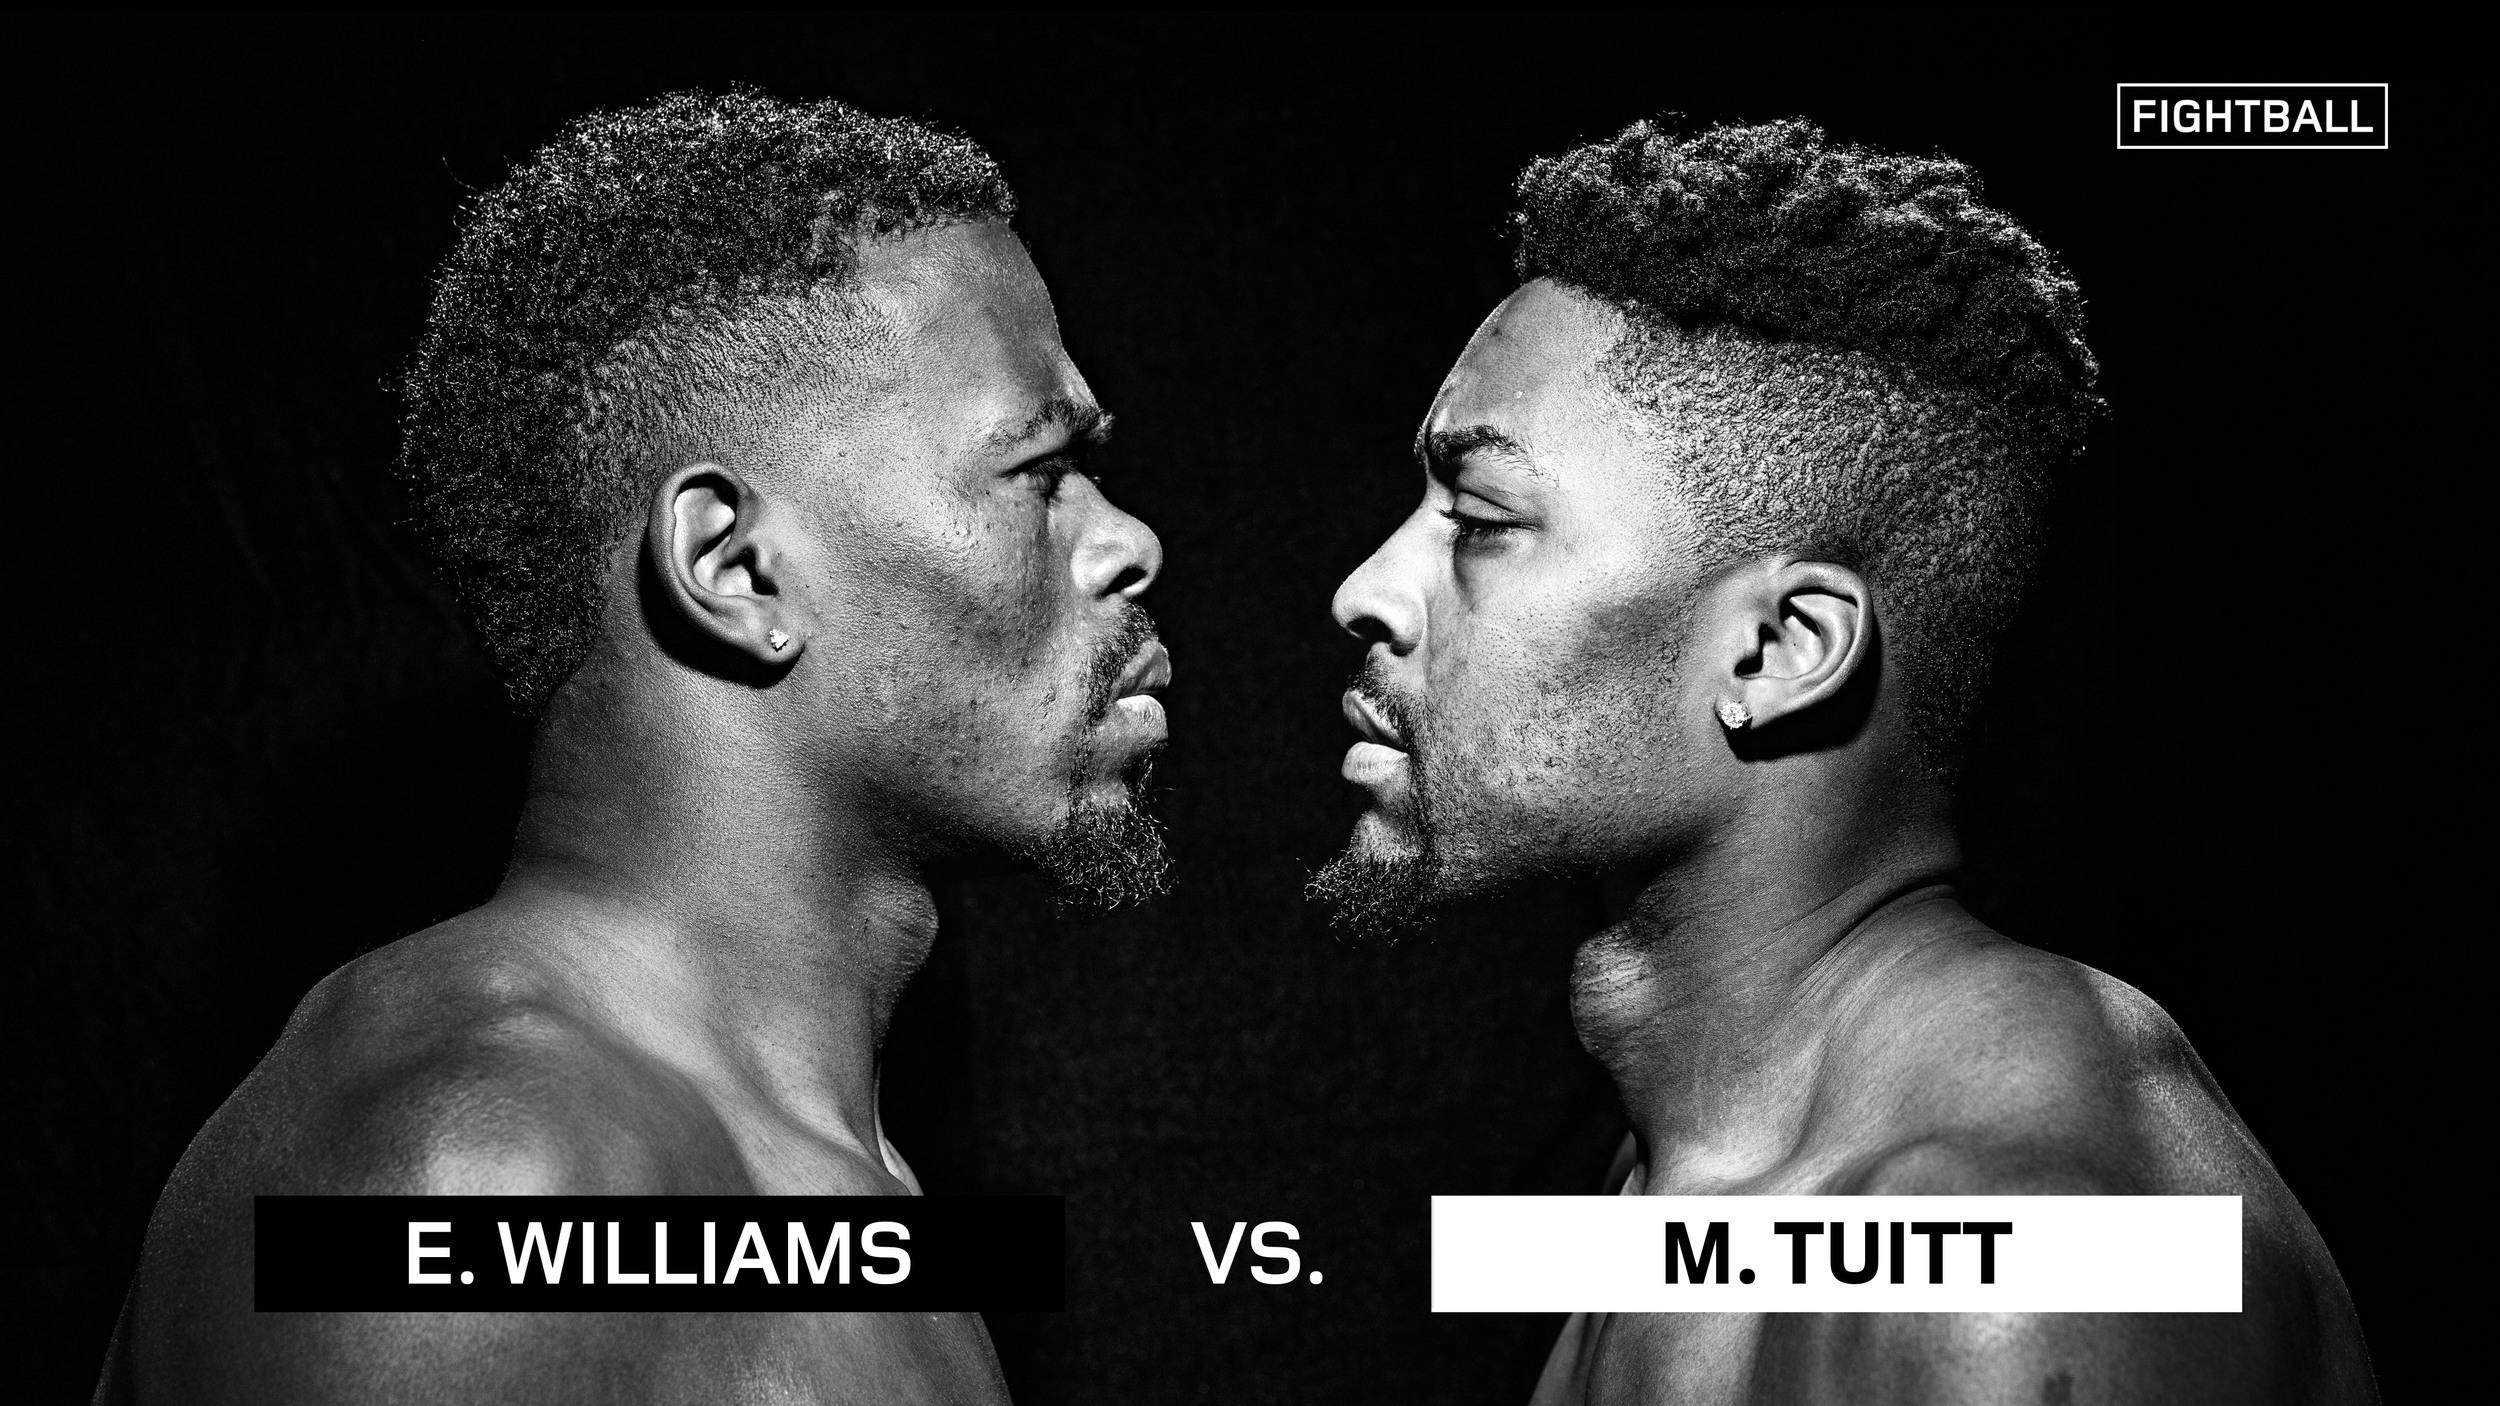 WILLIAMS_VS_TUITT.jpg